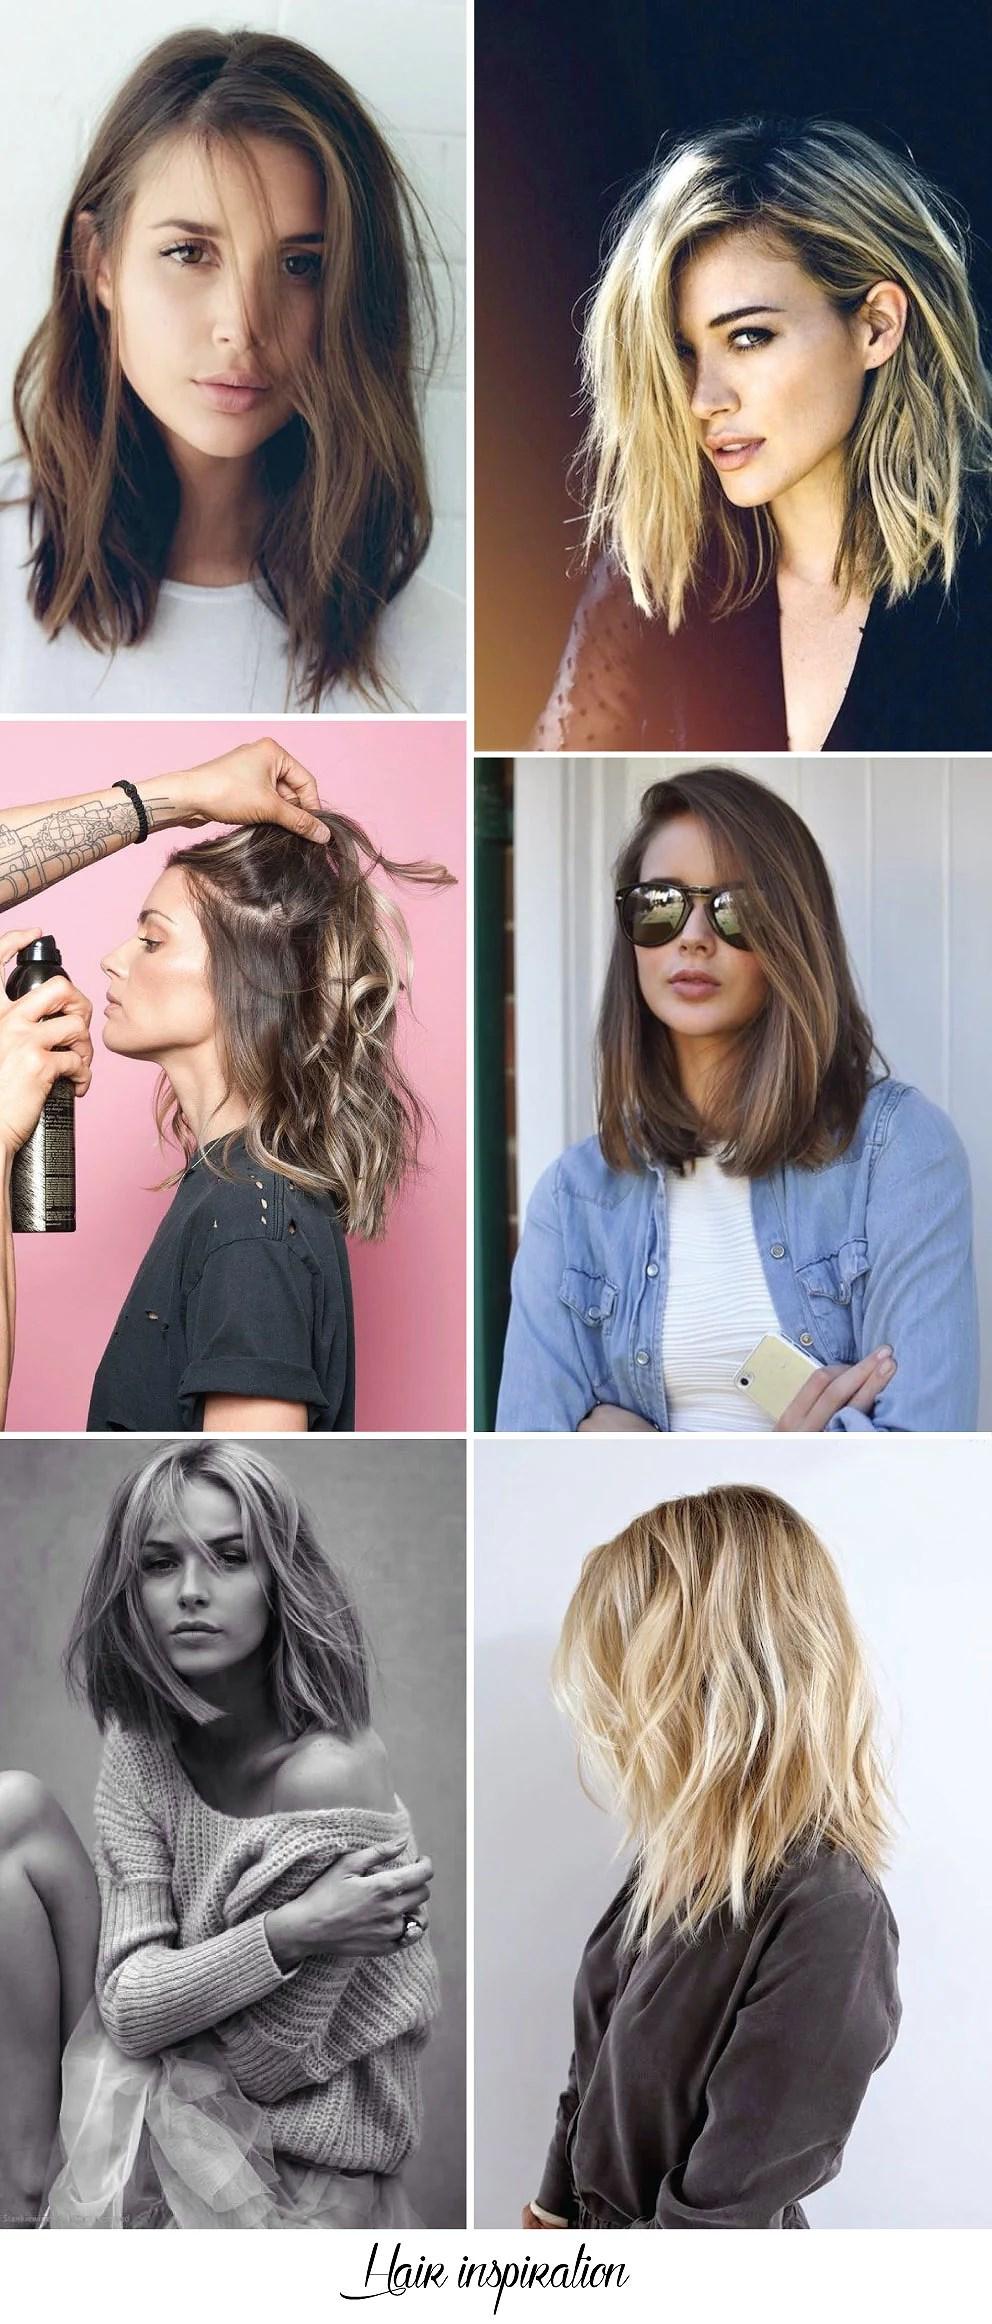 Modeblogger, Dansk modeblog, Hår, Frisurer, Lang page frisure, Flot frisure, Frisure inspiration, Inspiration til frisurer, It's My Passions